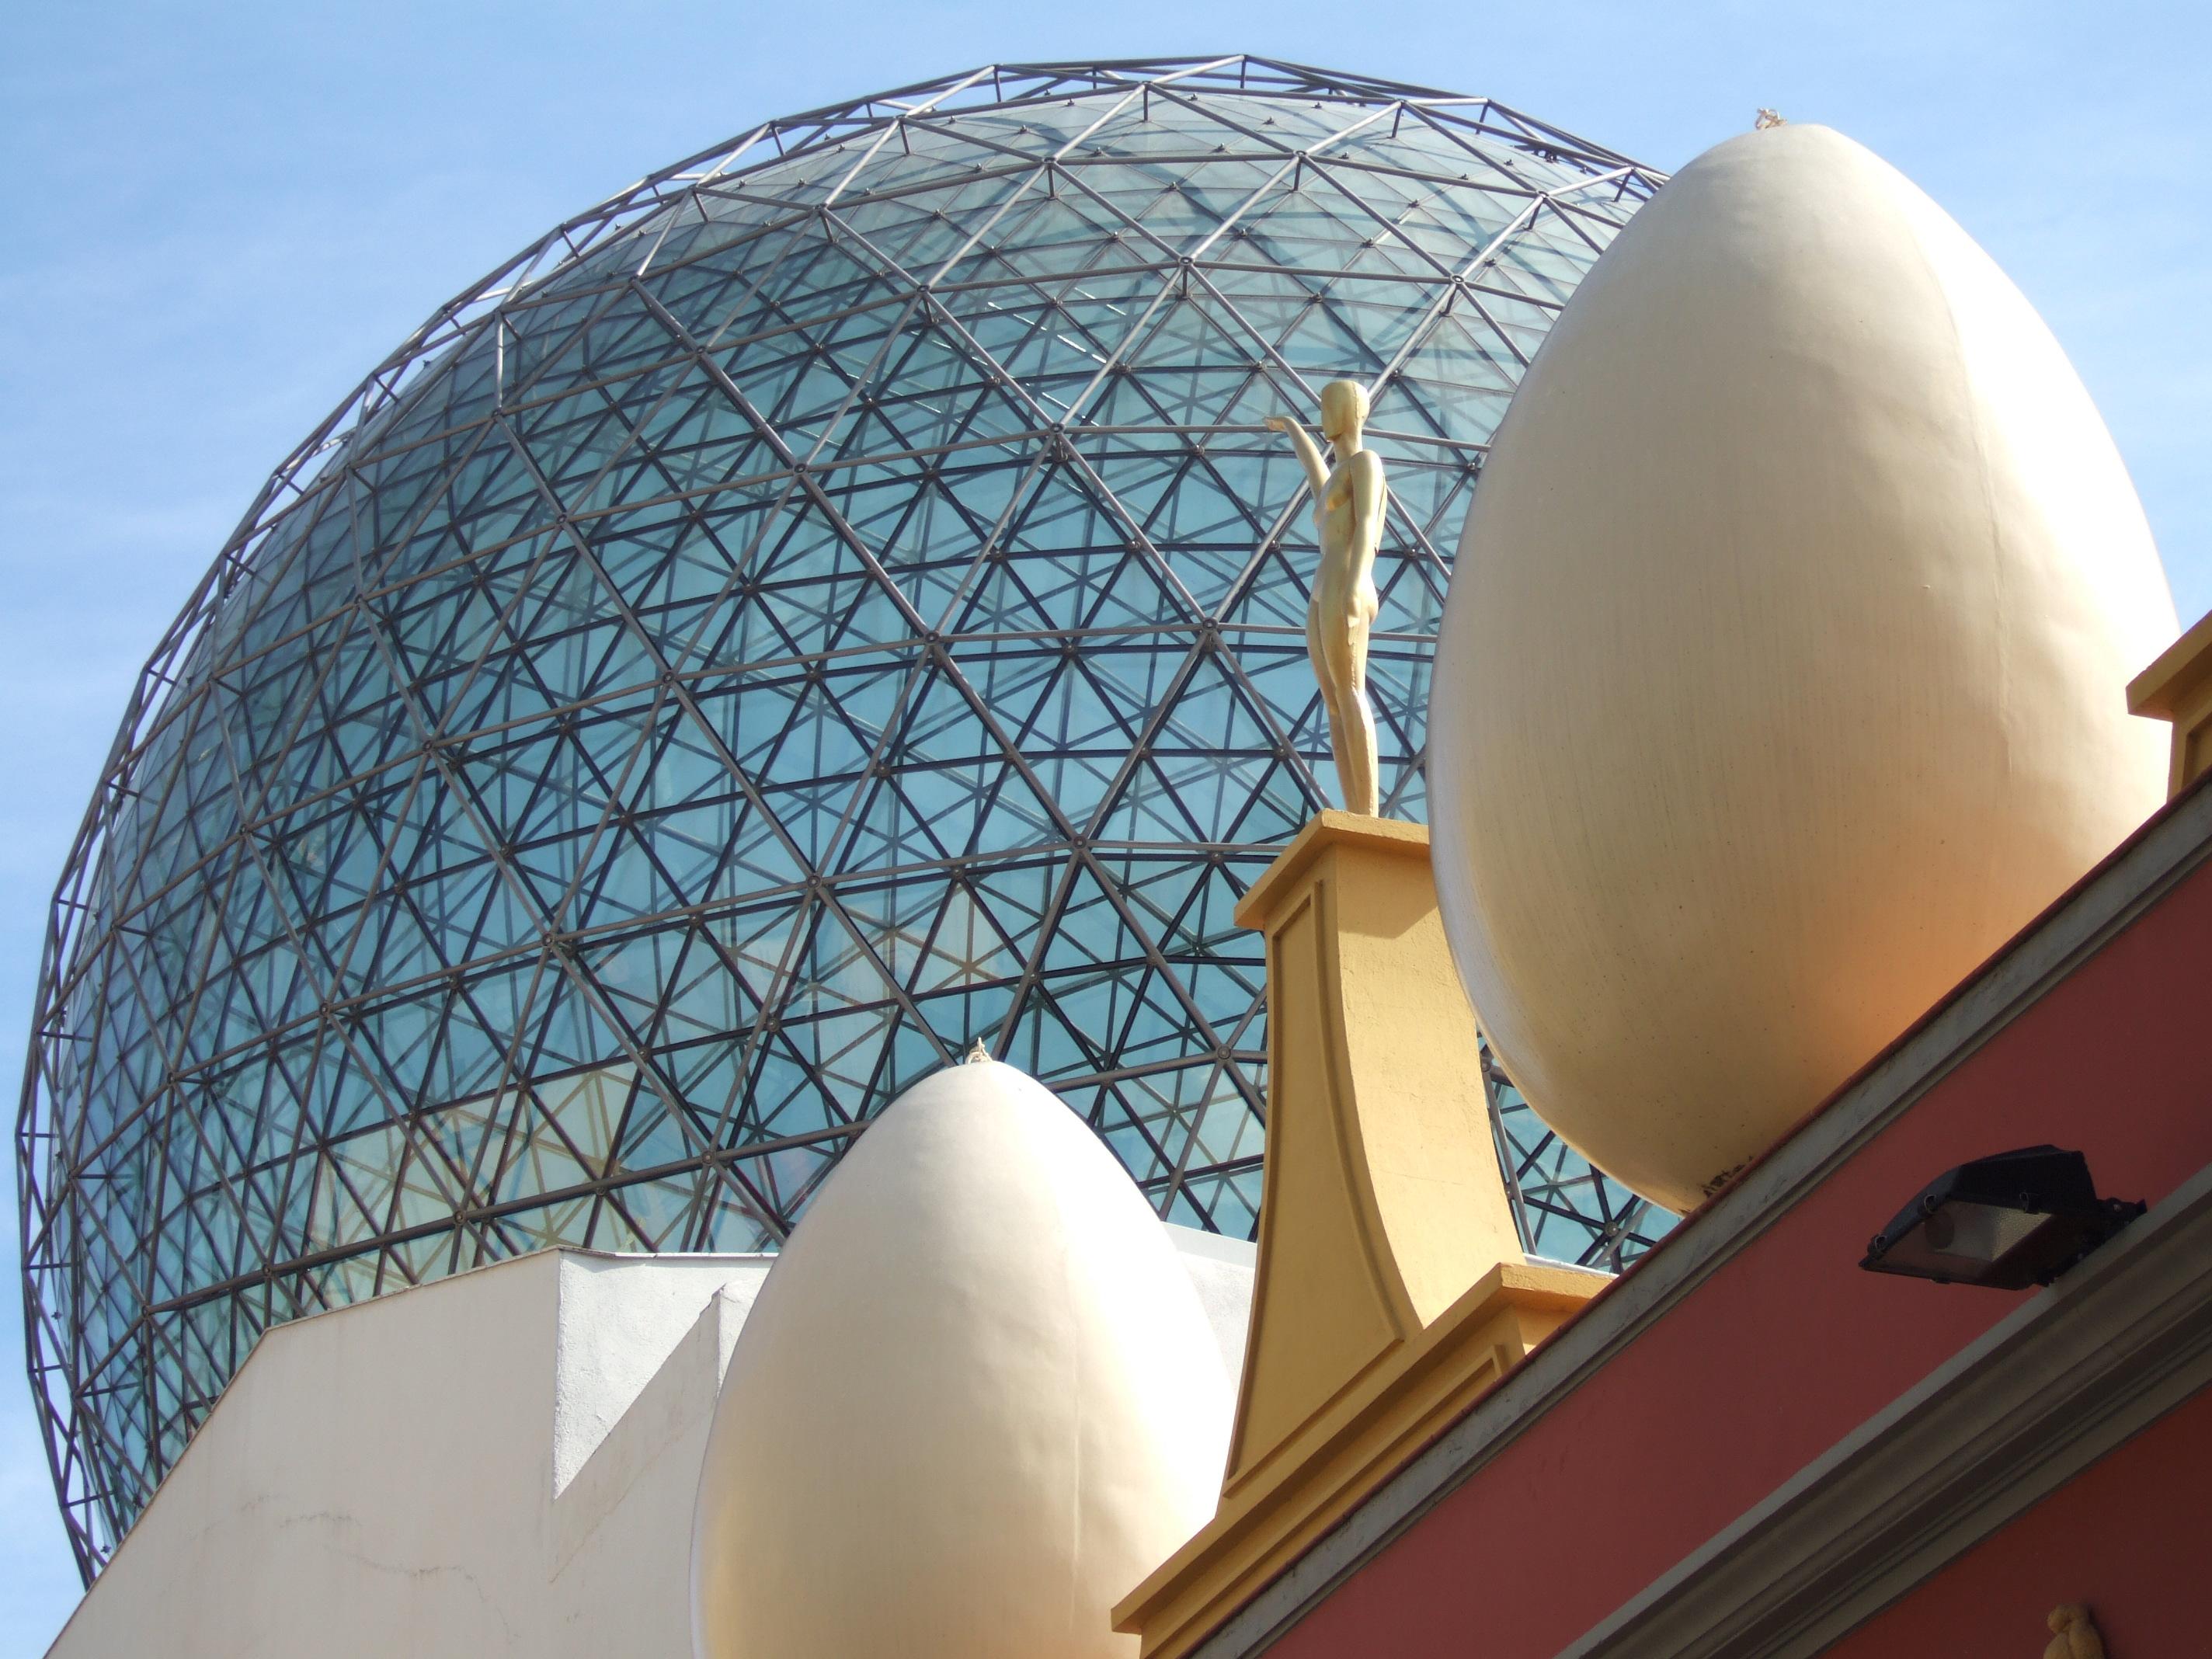 Vista_de_la_cúpula_del_Teatre-Museu_Dalí_amb_els_ous_gegant_i_els_maniquís_pintats